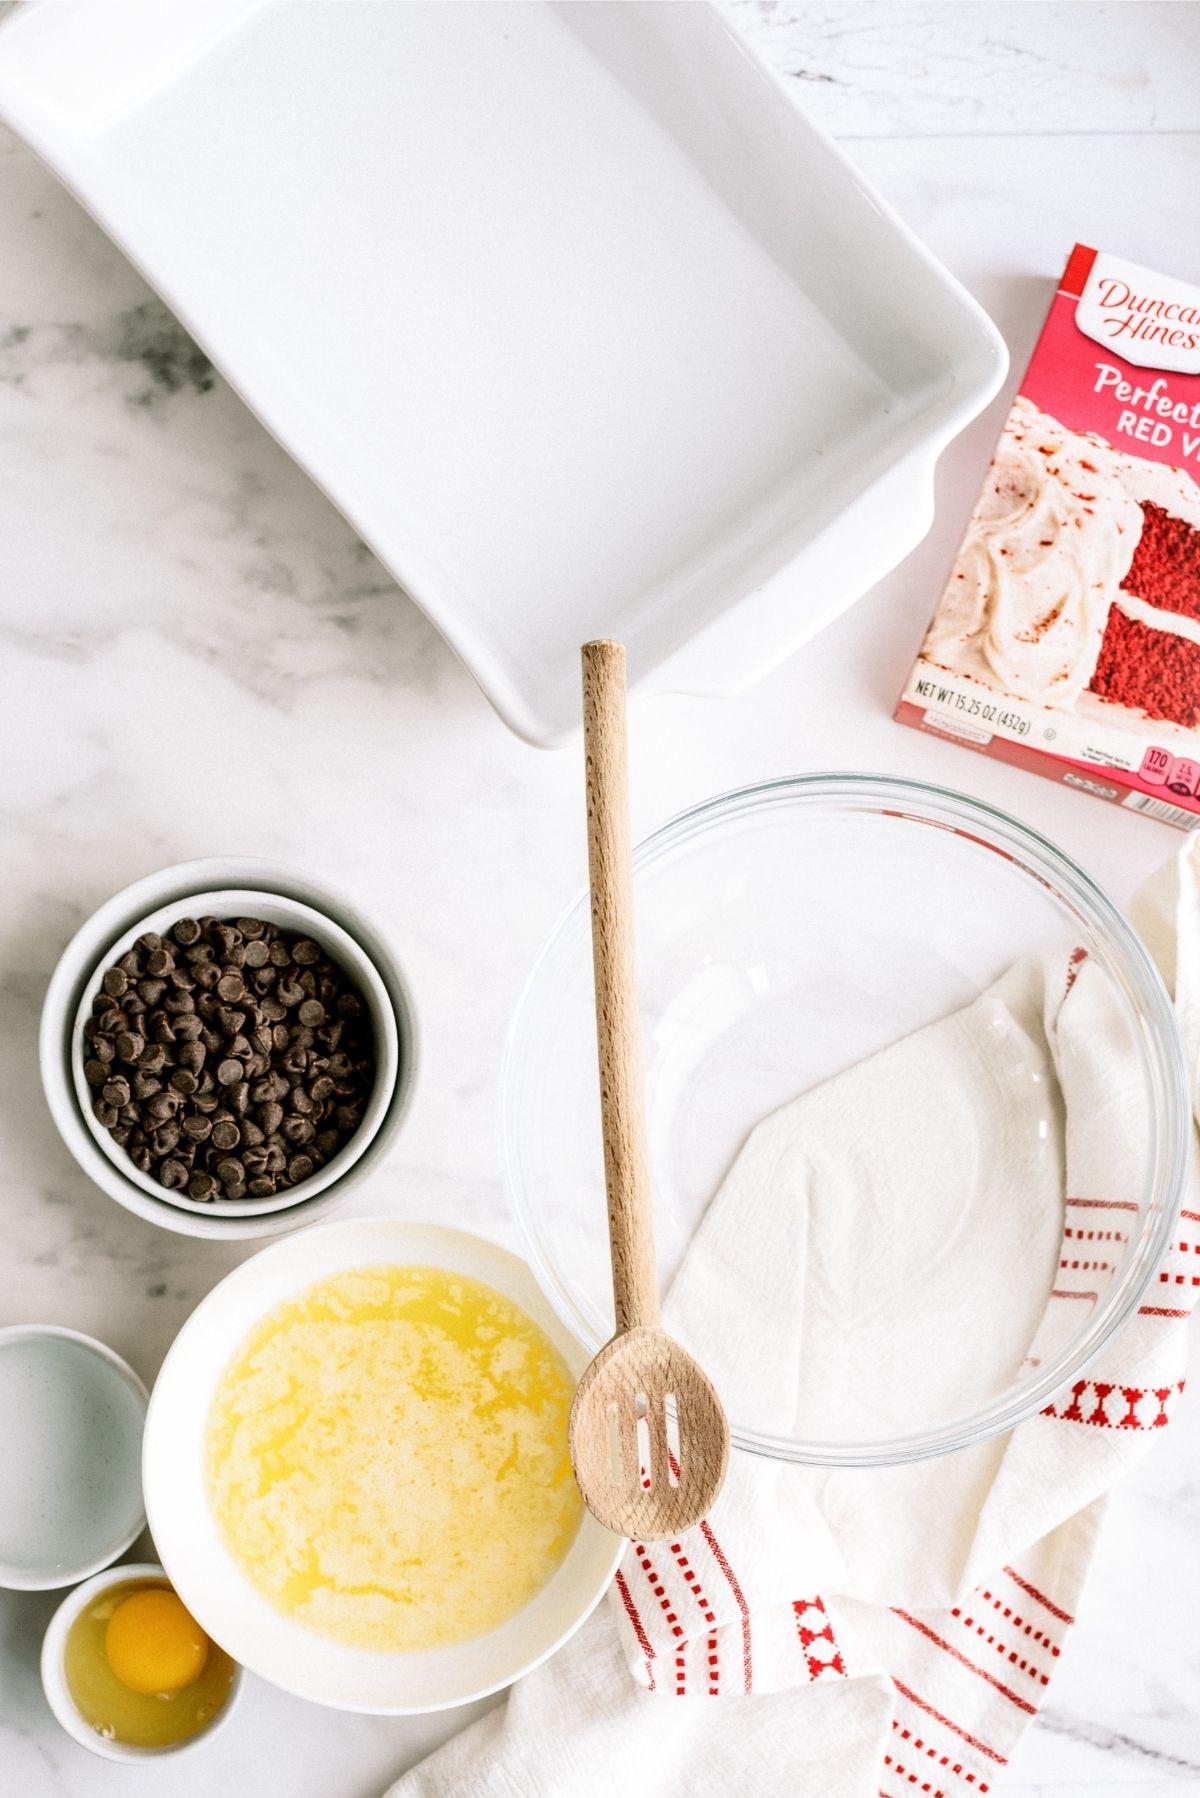 Ingredients for Red Velvet Brownies